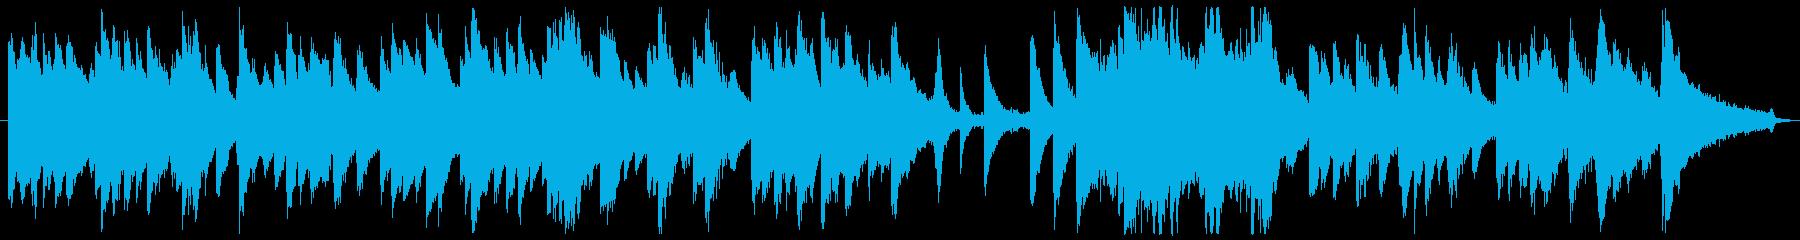 切ない&優しいピアノ曲(ソロピアノ)の再生済みの波形